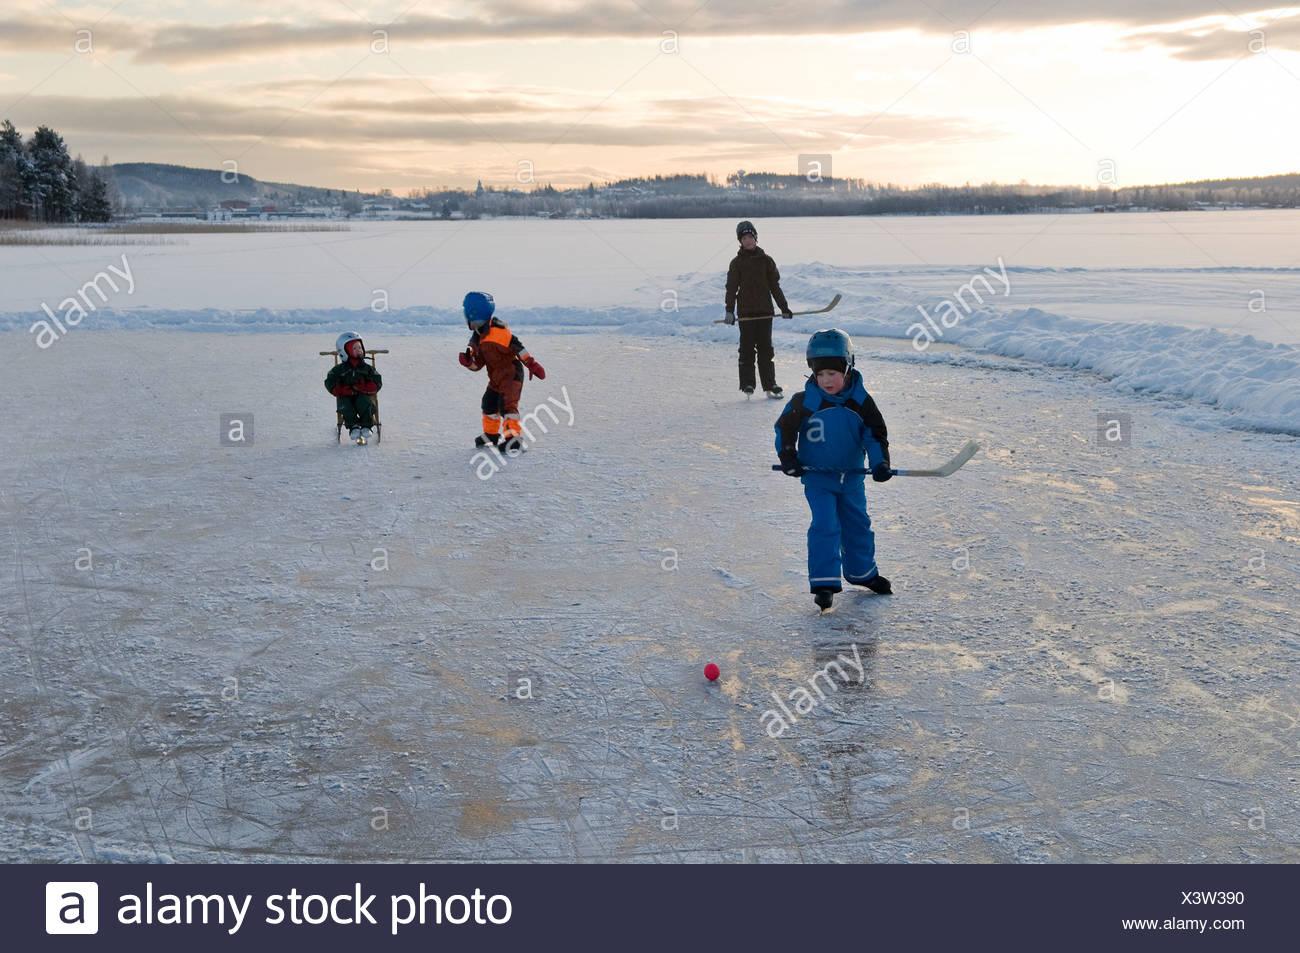 Les enfants jouer au hockey sur glace sur lac gelé Photo Stock